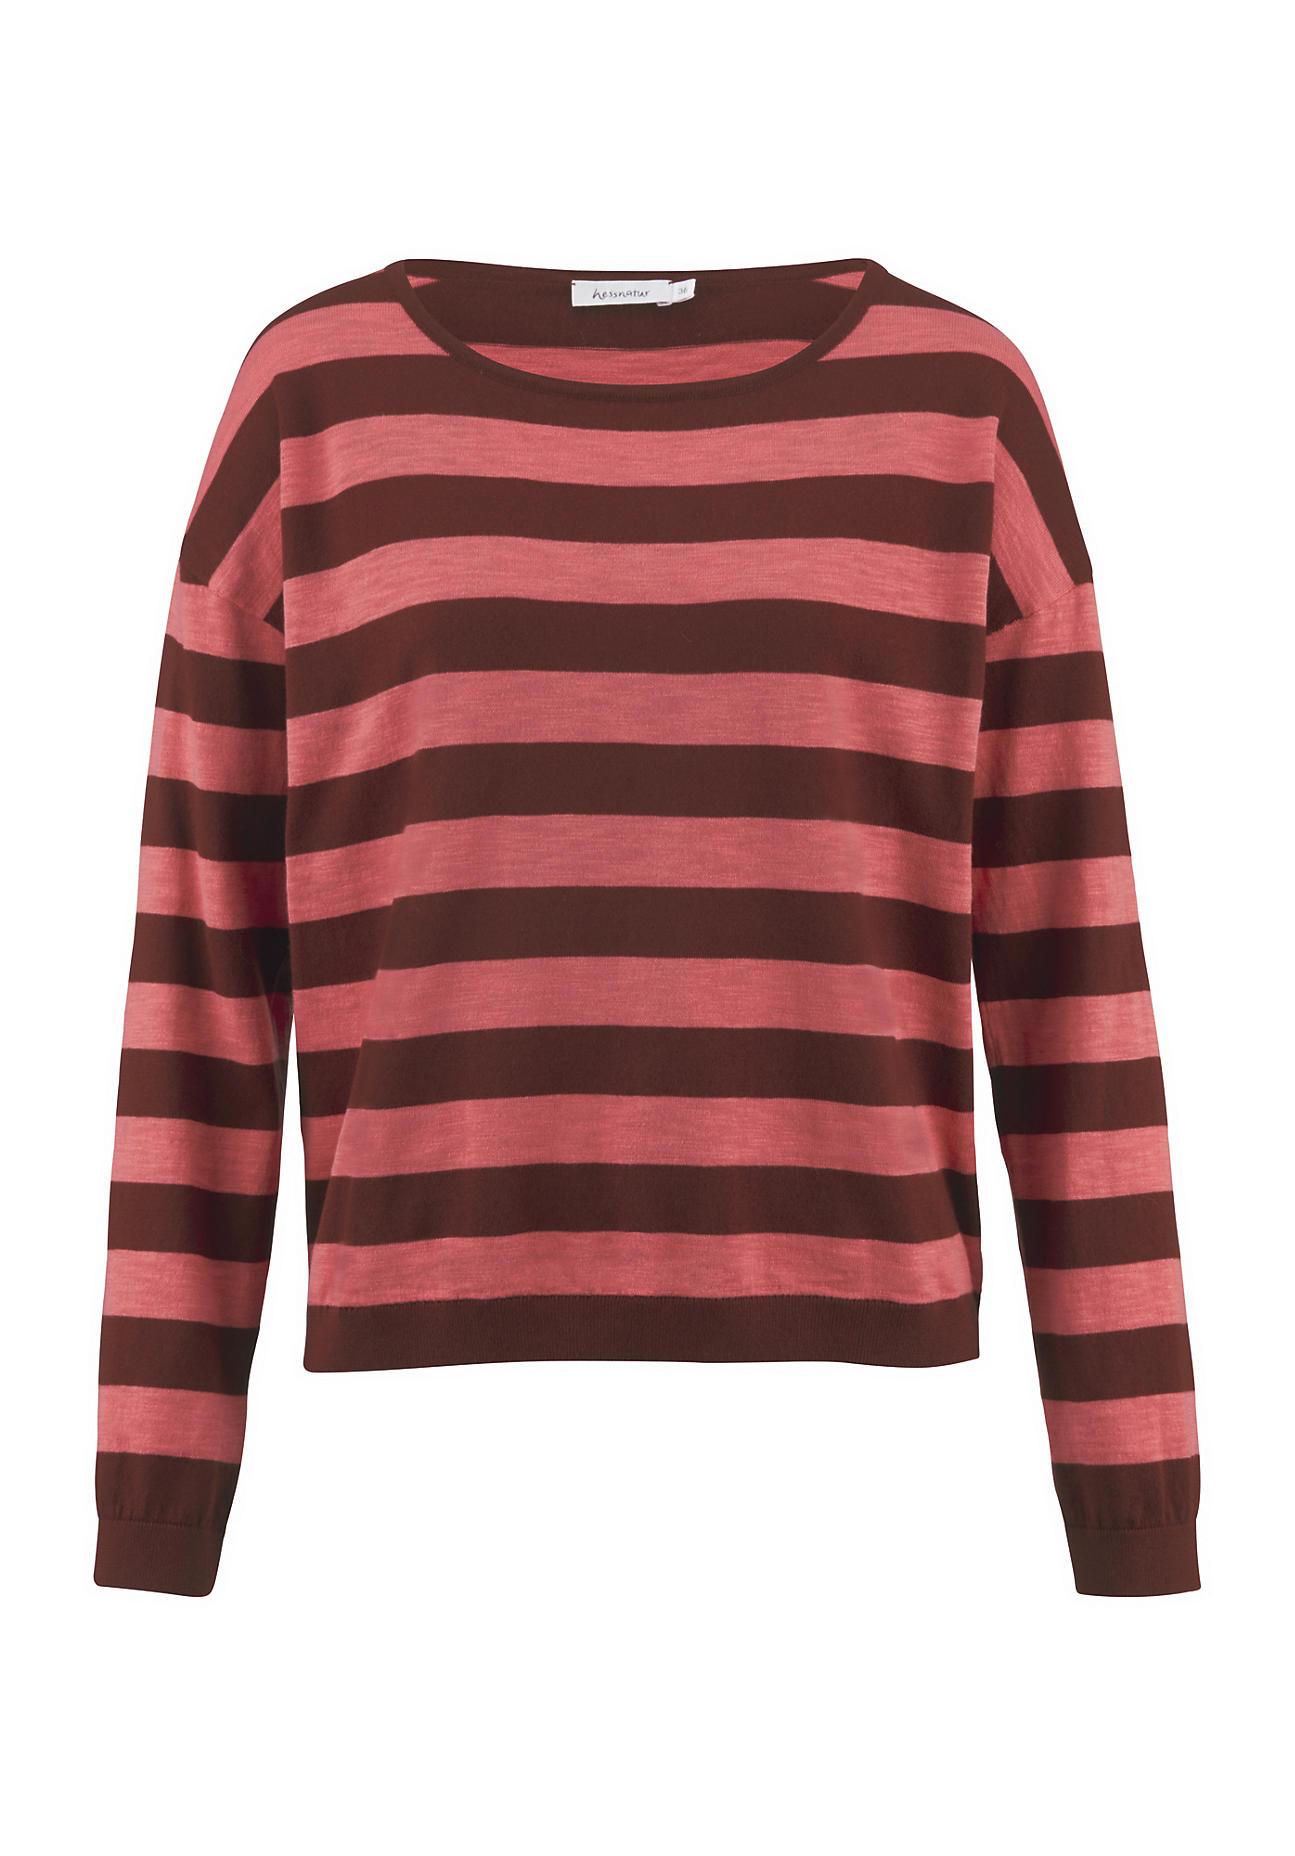 hessnatur Damen Blockstreifen-Pullover aus Bio-Baumwolle – rot – Größe 40 | Bekleidung > Pullover > Streifenpullover | Cayennerot | hessnatur